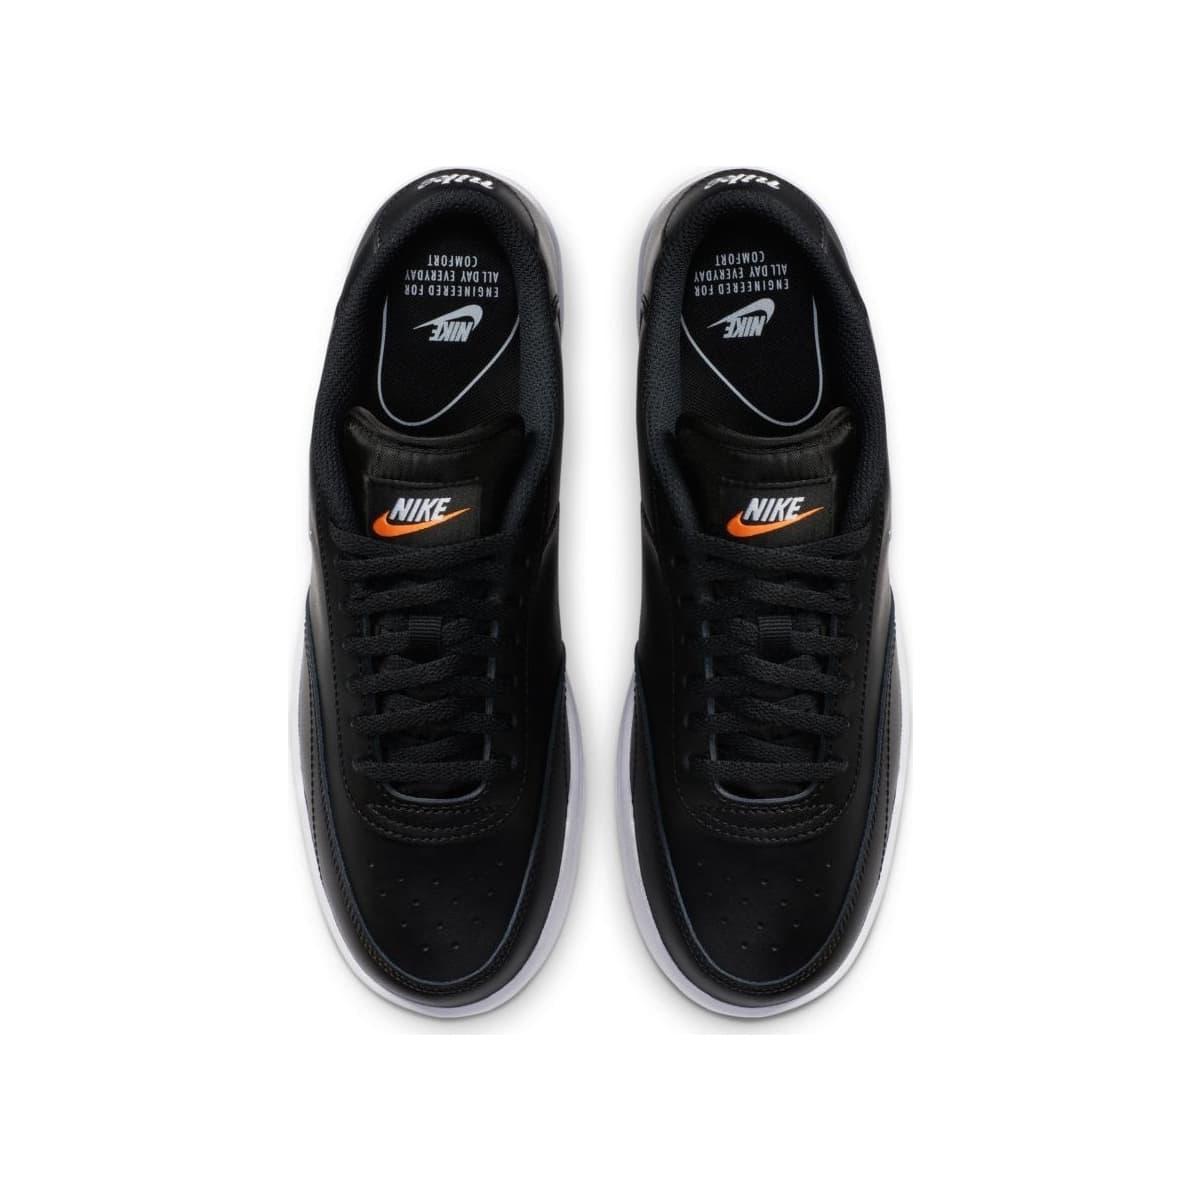 Court Vintage Kadın Siyah Tenis Ayakkabısı (CJ1676-001)